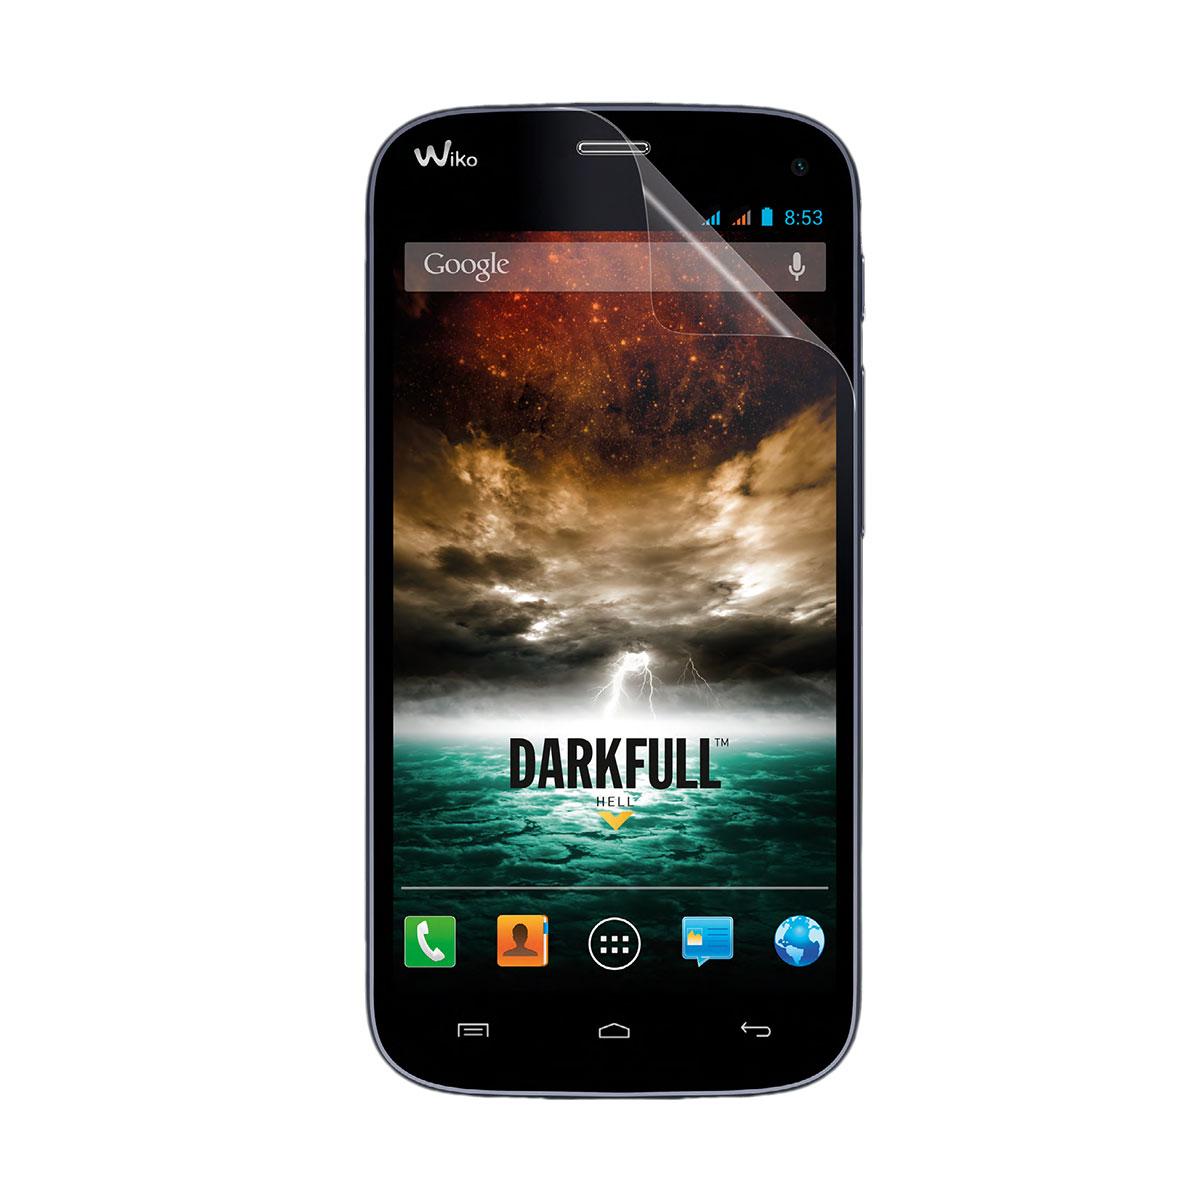 Film protecteur téléphone Wiko Kit de protection d'écran pour Darkfull Lot de 2 films de protection écran pour Wiko Darkfull